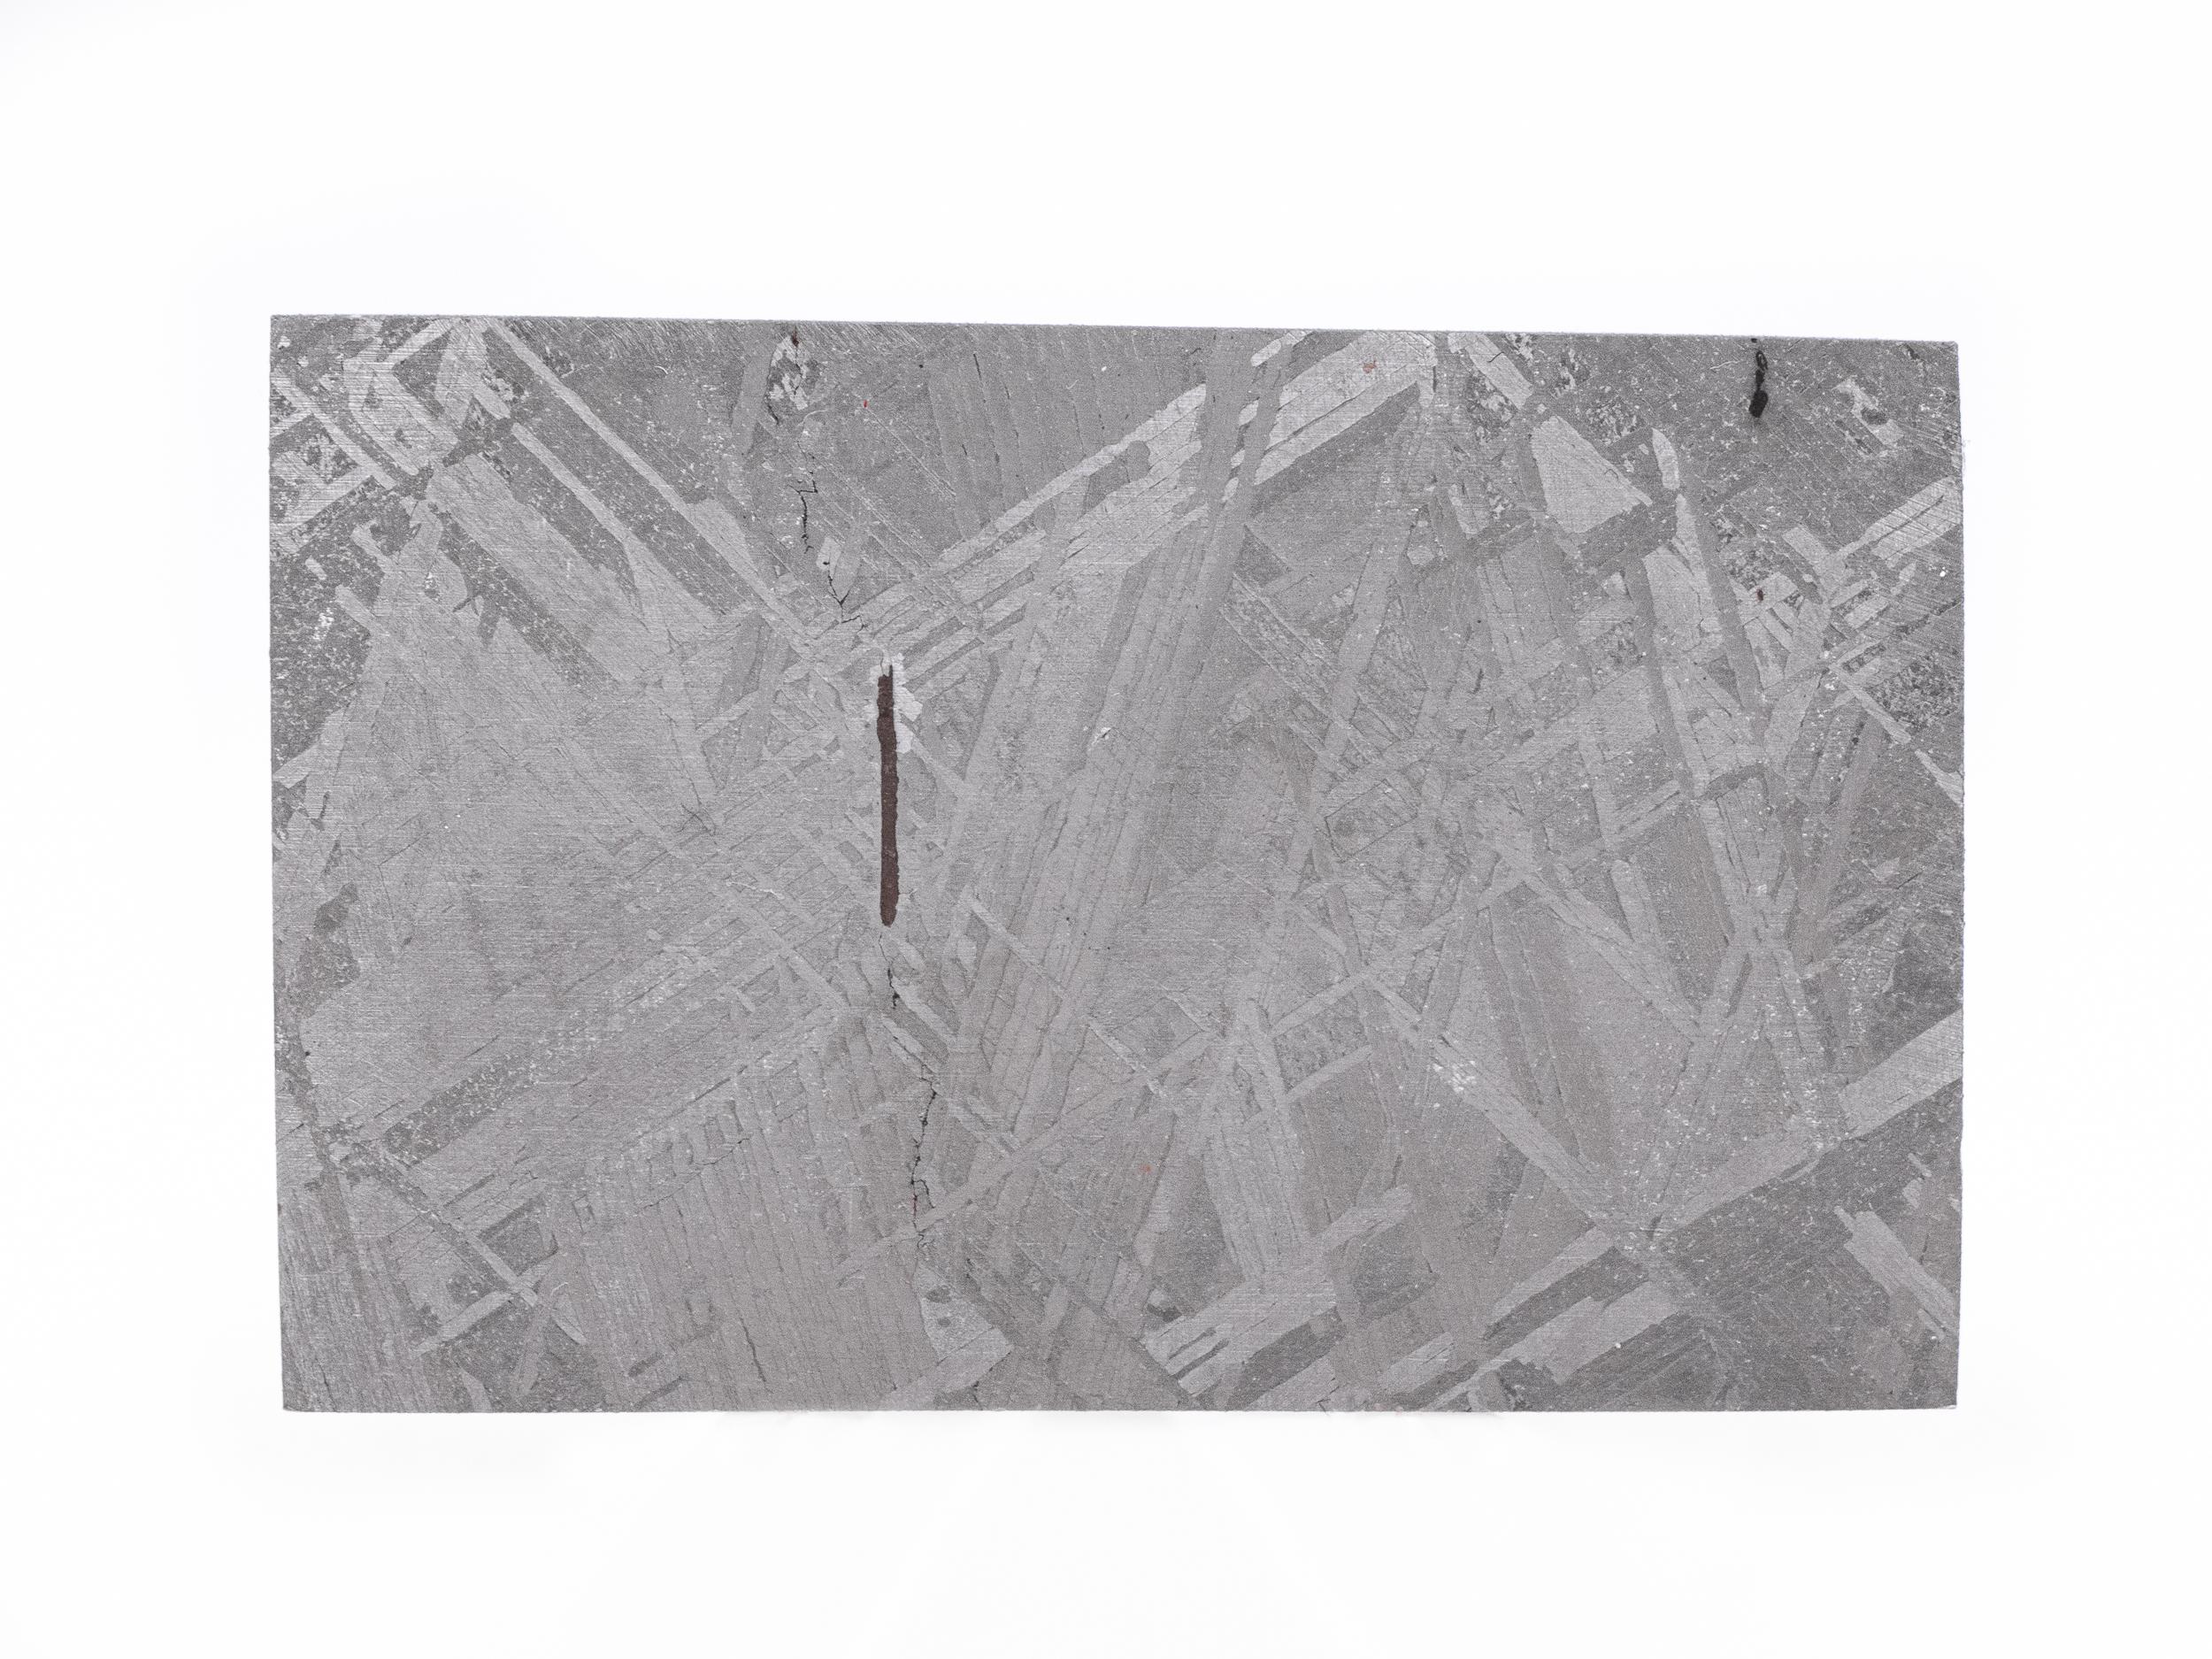 muonionalusta iron meteorite 57g